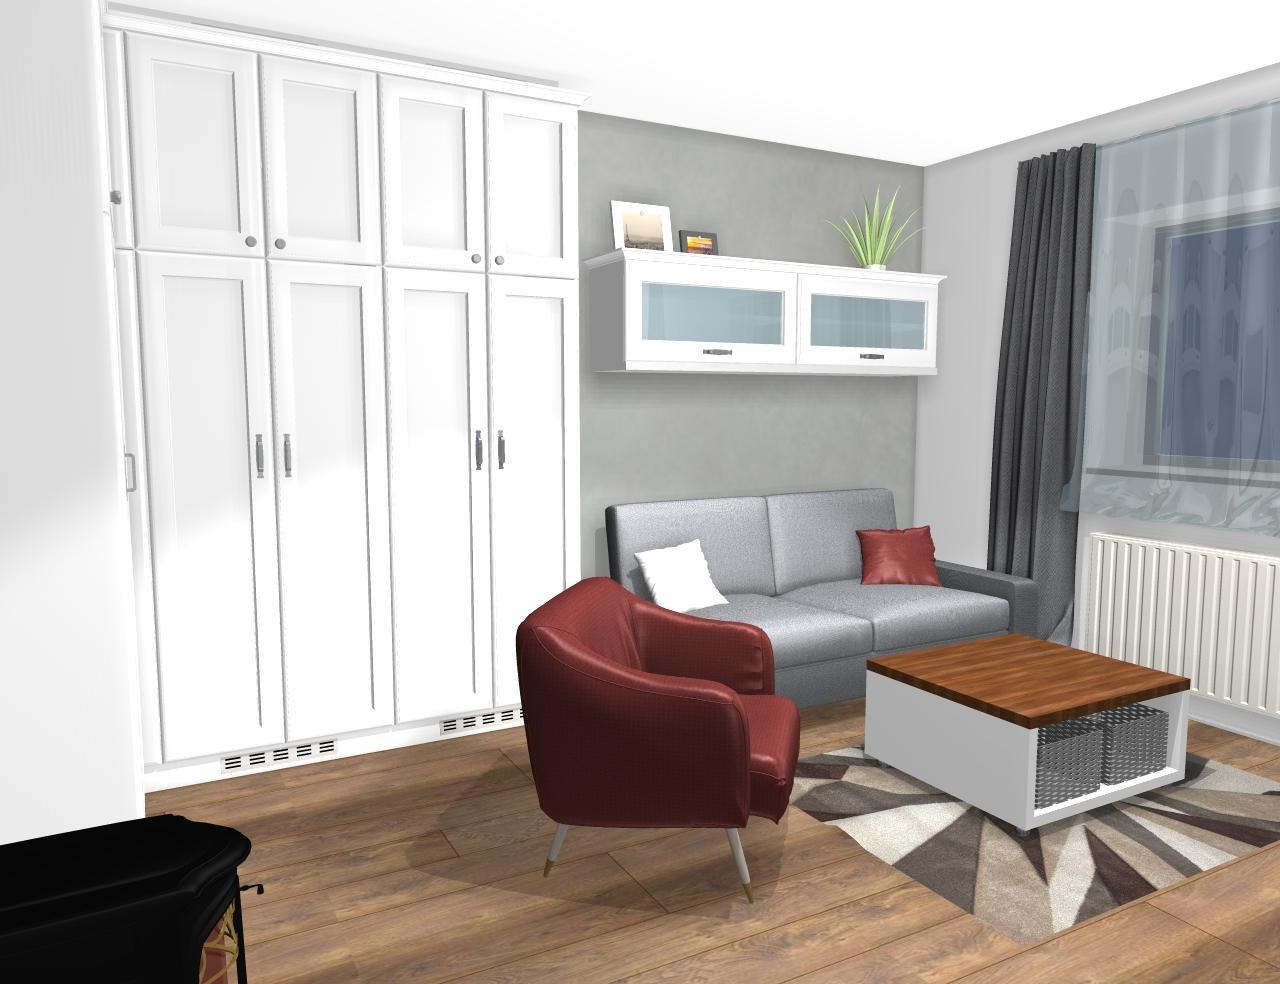 Grafické návrhy interiér 2019 - Grafický návrh pracovne do rodinného domu vo vidieckom štýle - obr.5